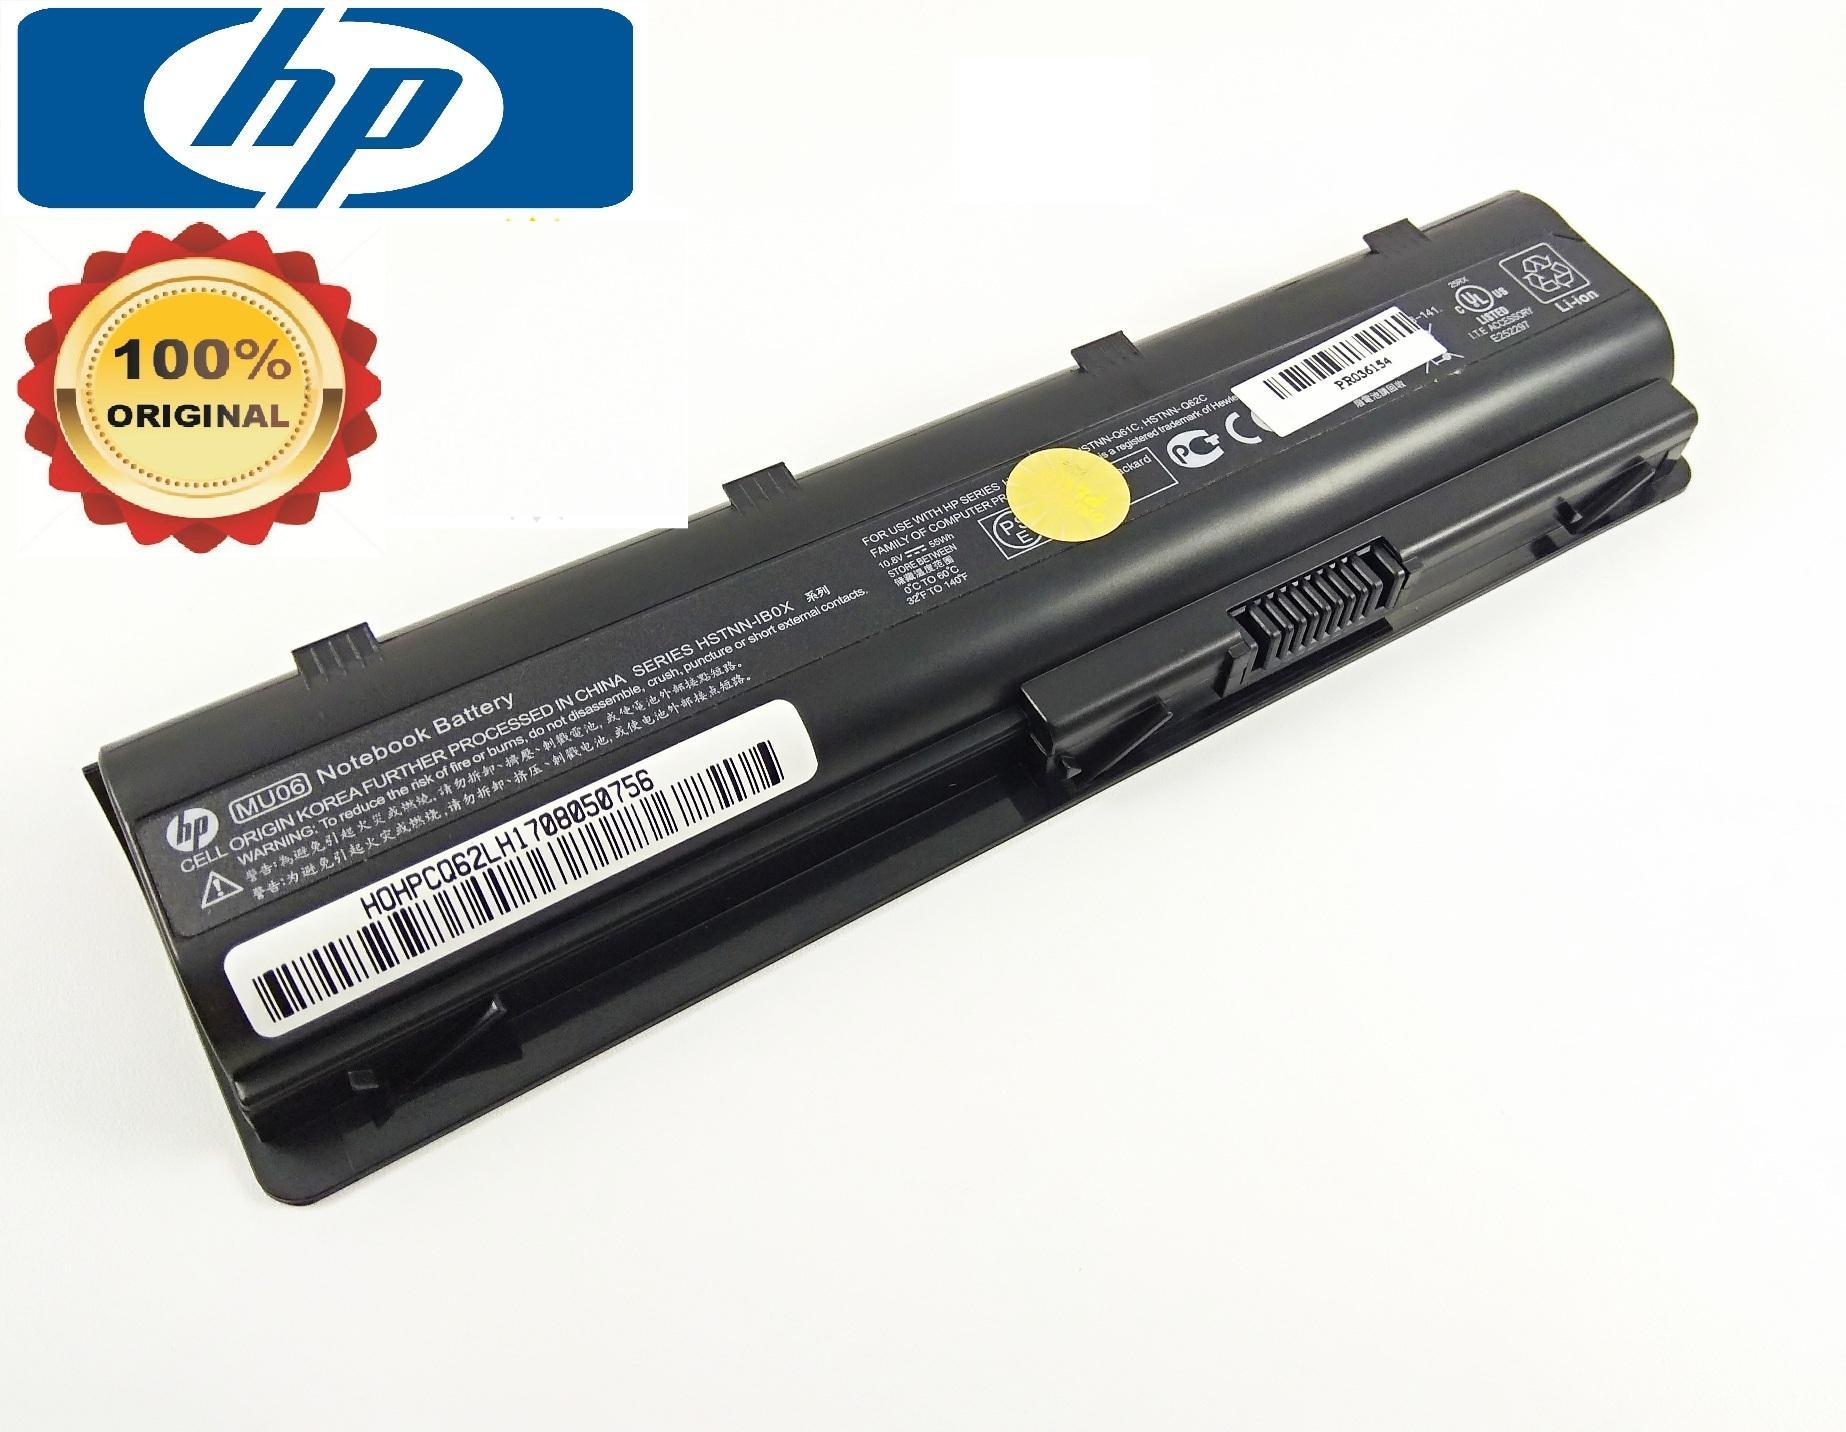 HP Baterai laptop Compaq CQ42 CQ43 HP Pavilion DM4 DV6 G4 G42 G62 G72 SPECIAL